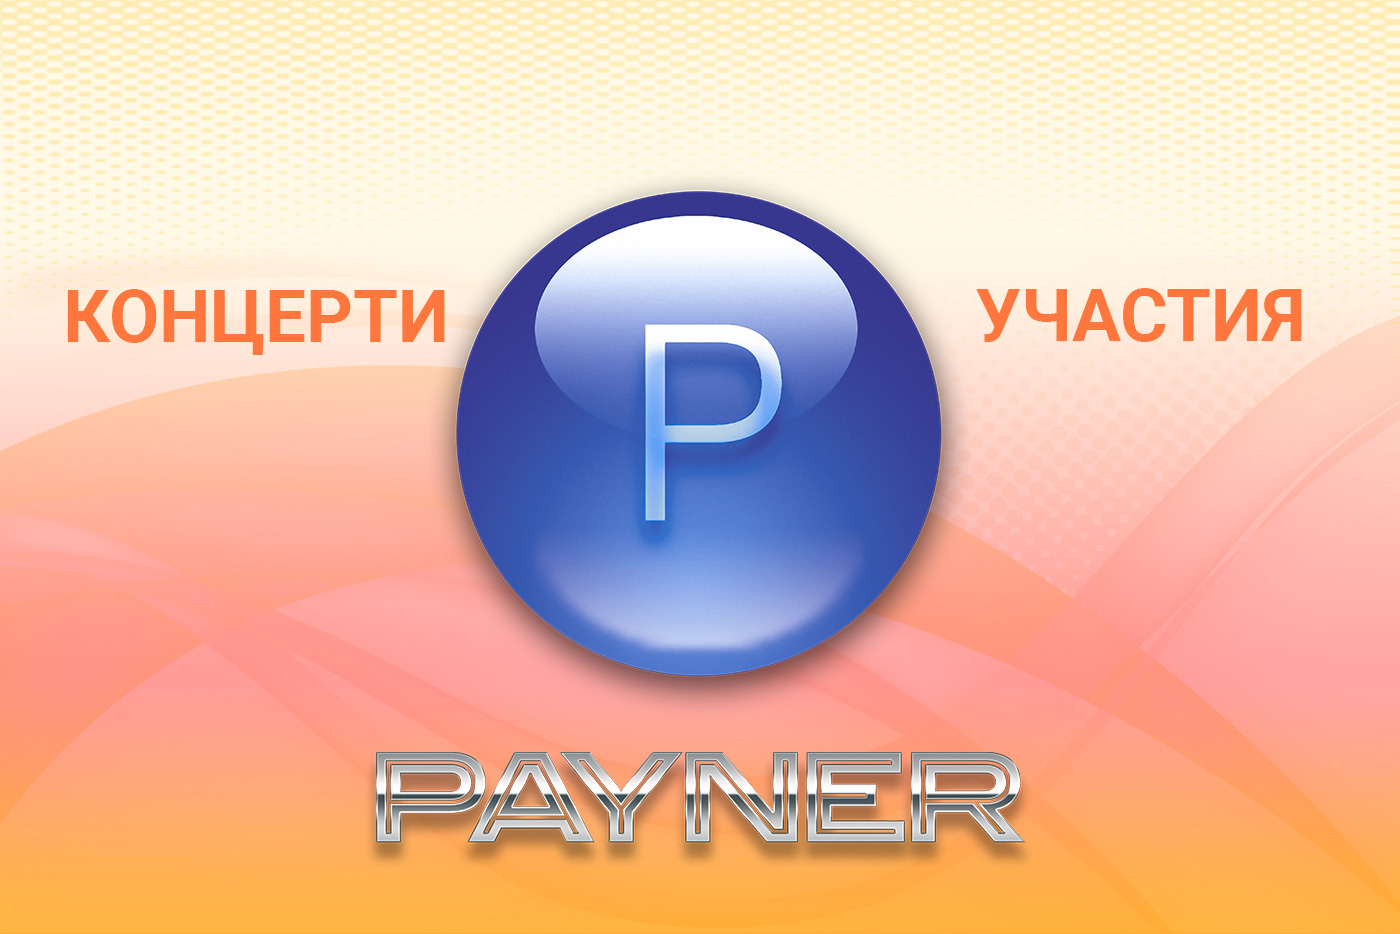 """Участия на звездите на """"Пайнер"""" на 28.09.2018"""